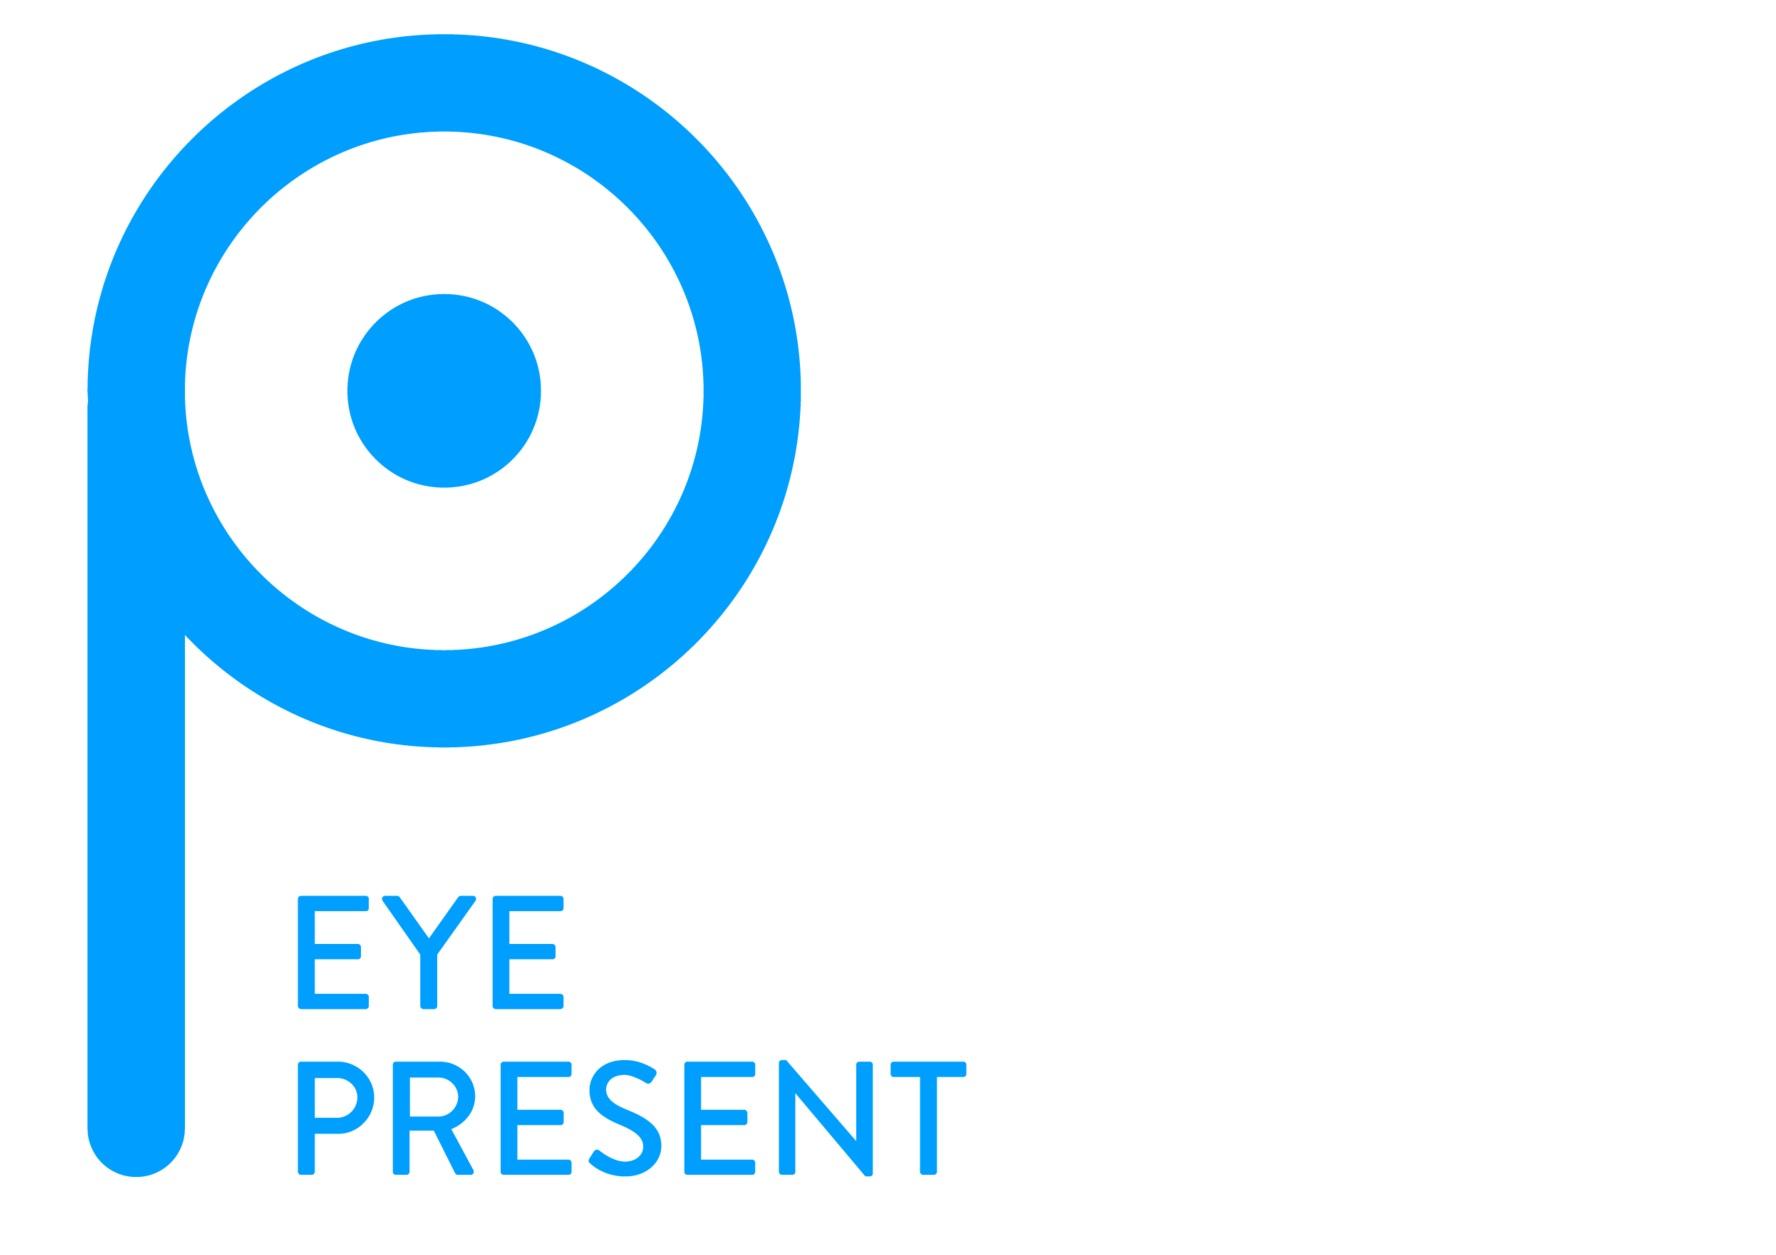 Logo_Positive-01.jpg